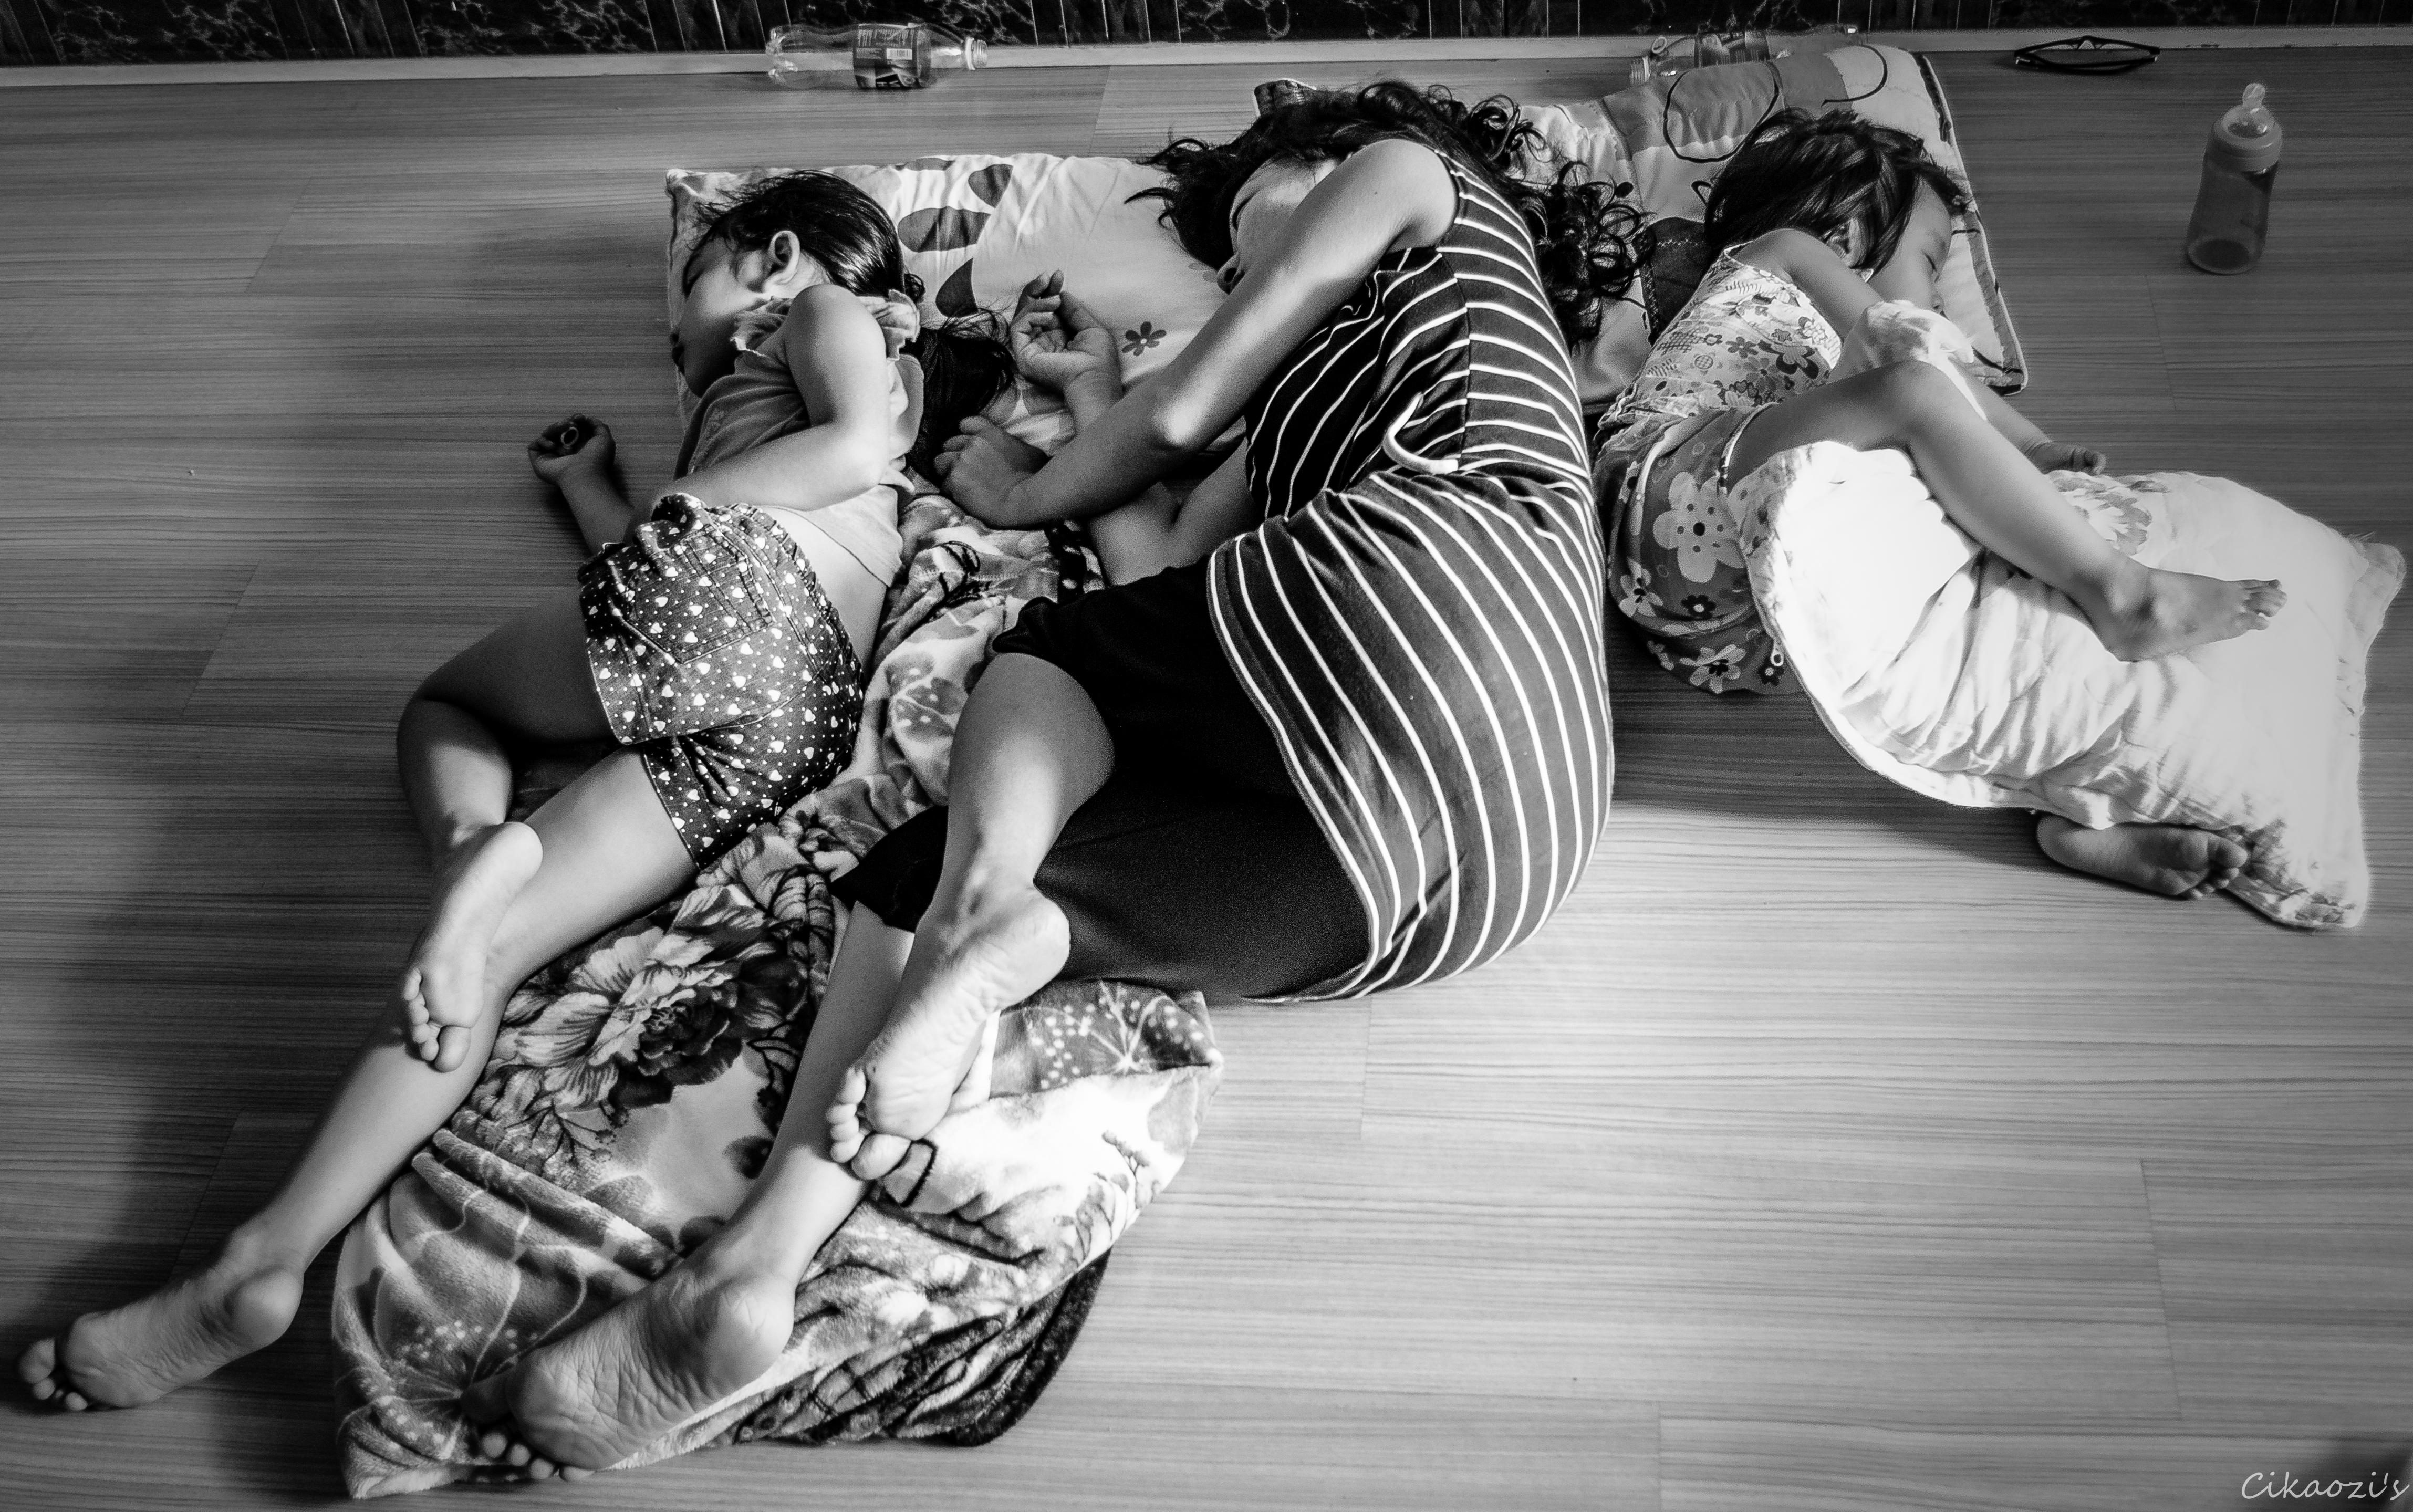 Take a nap. by showhide8x